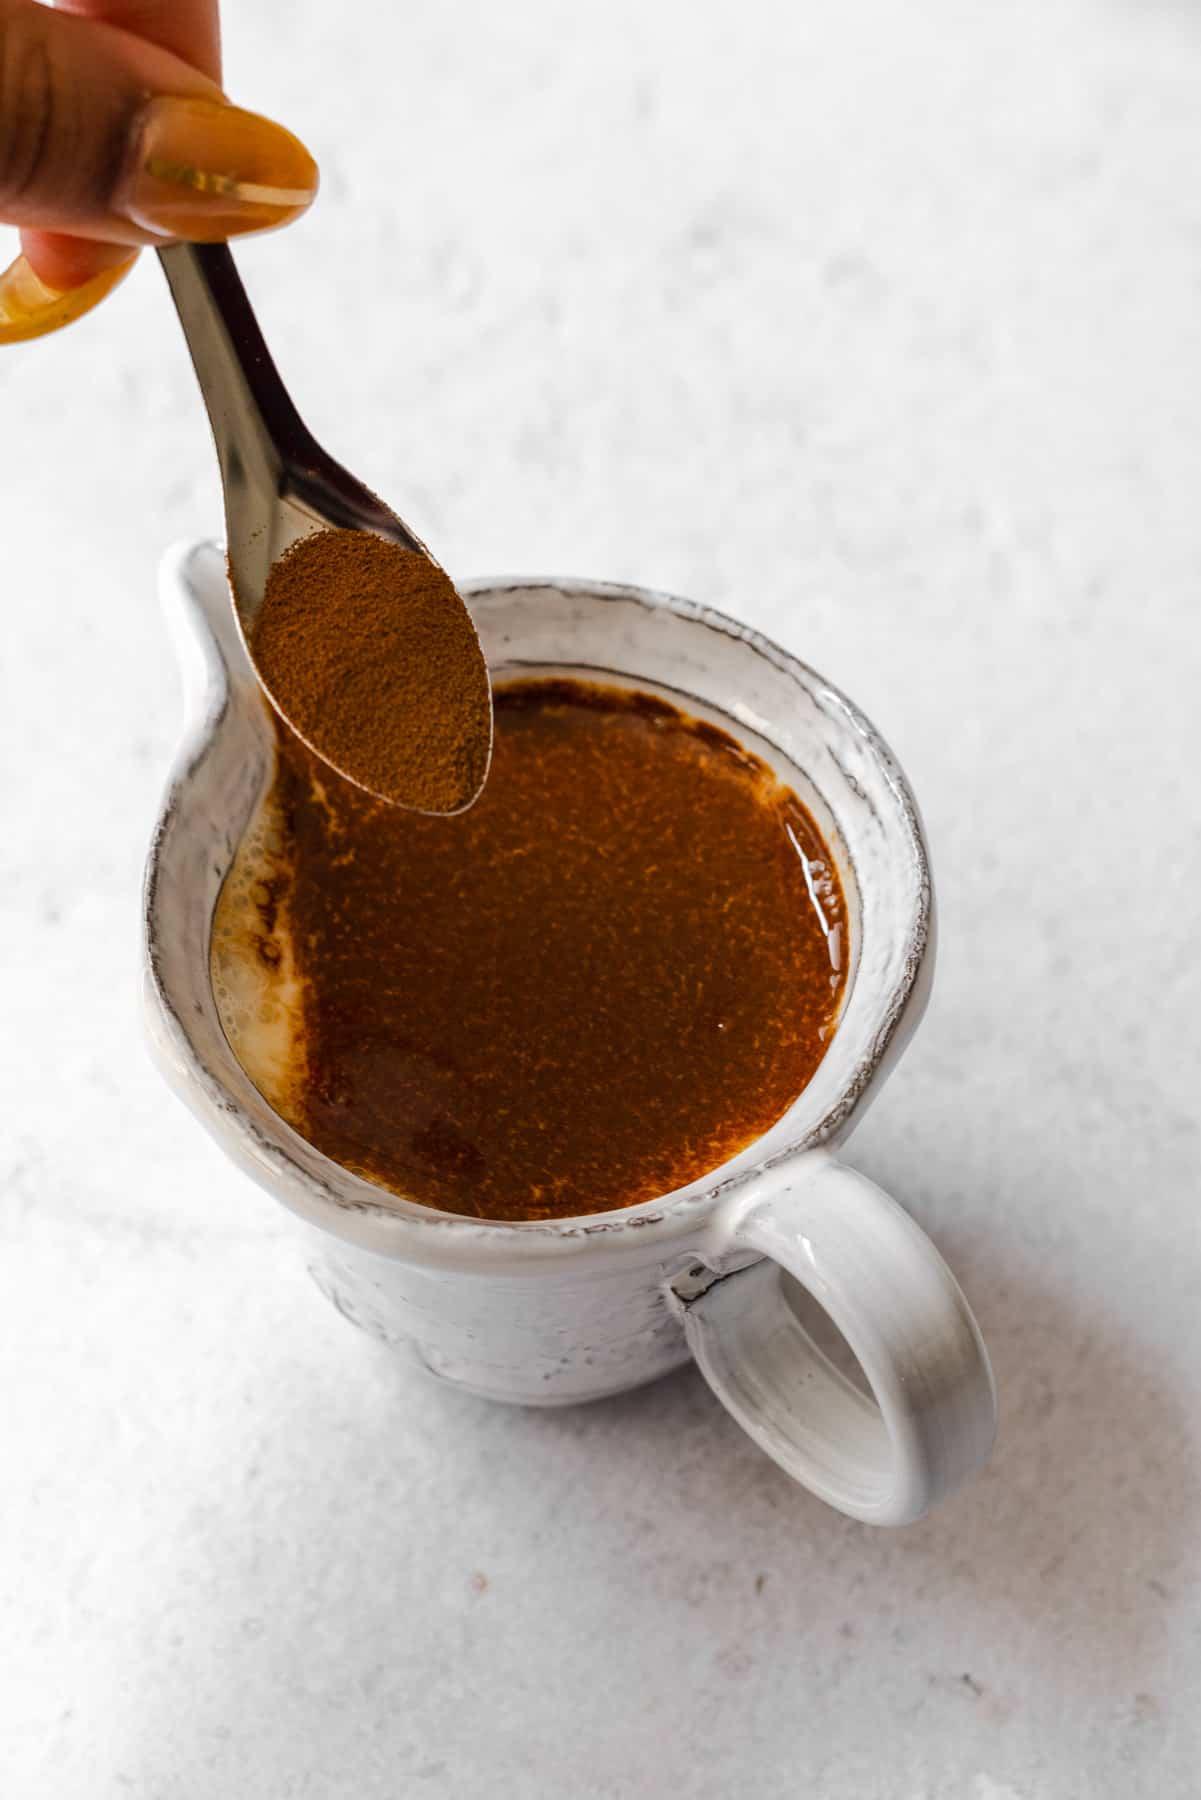 sprinkling espresso over a white pourer full of milk